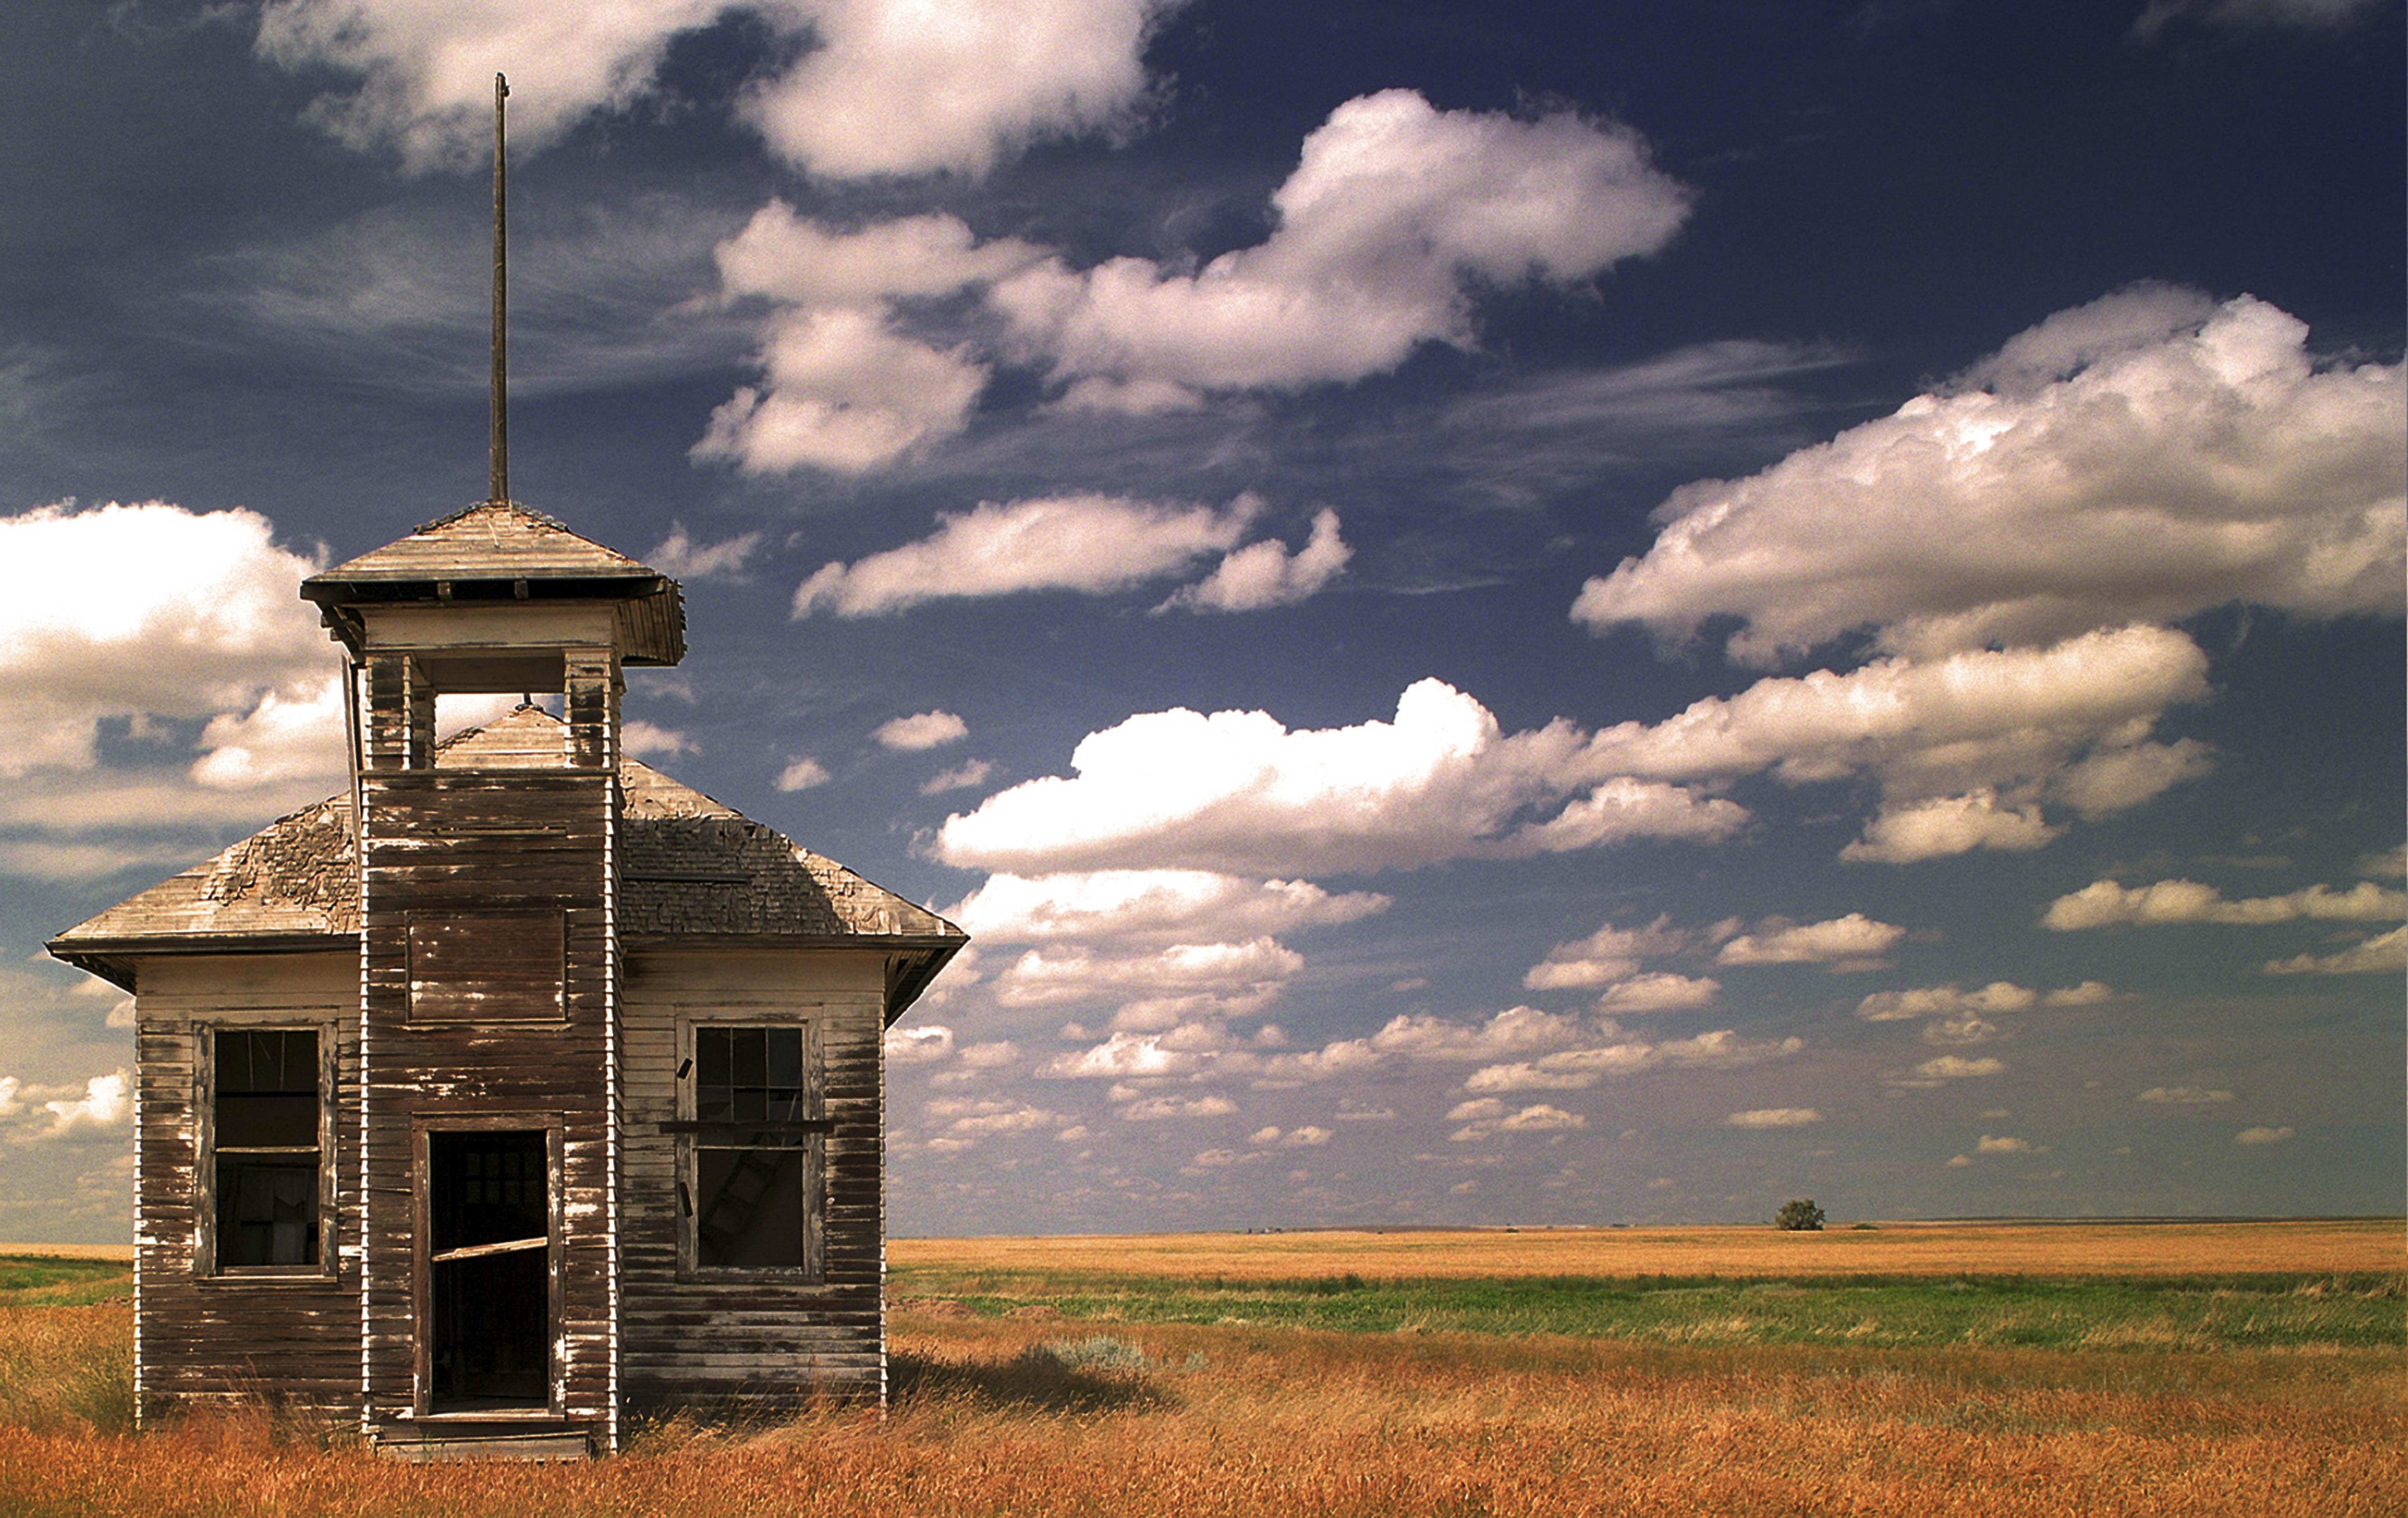 Abandoned School Fresno by Robert Cassway